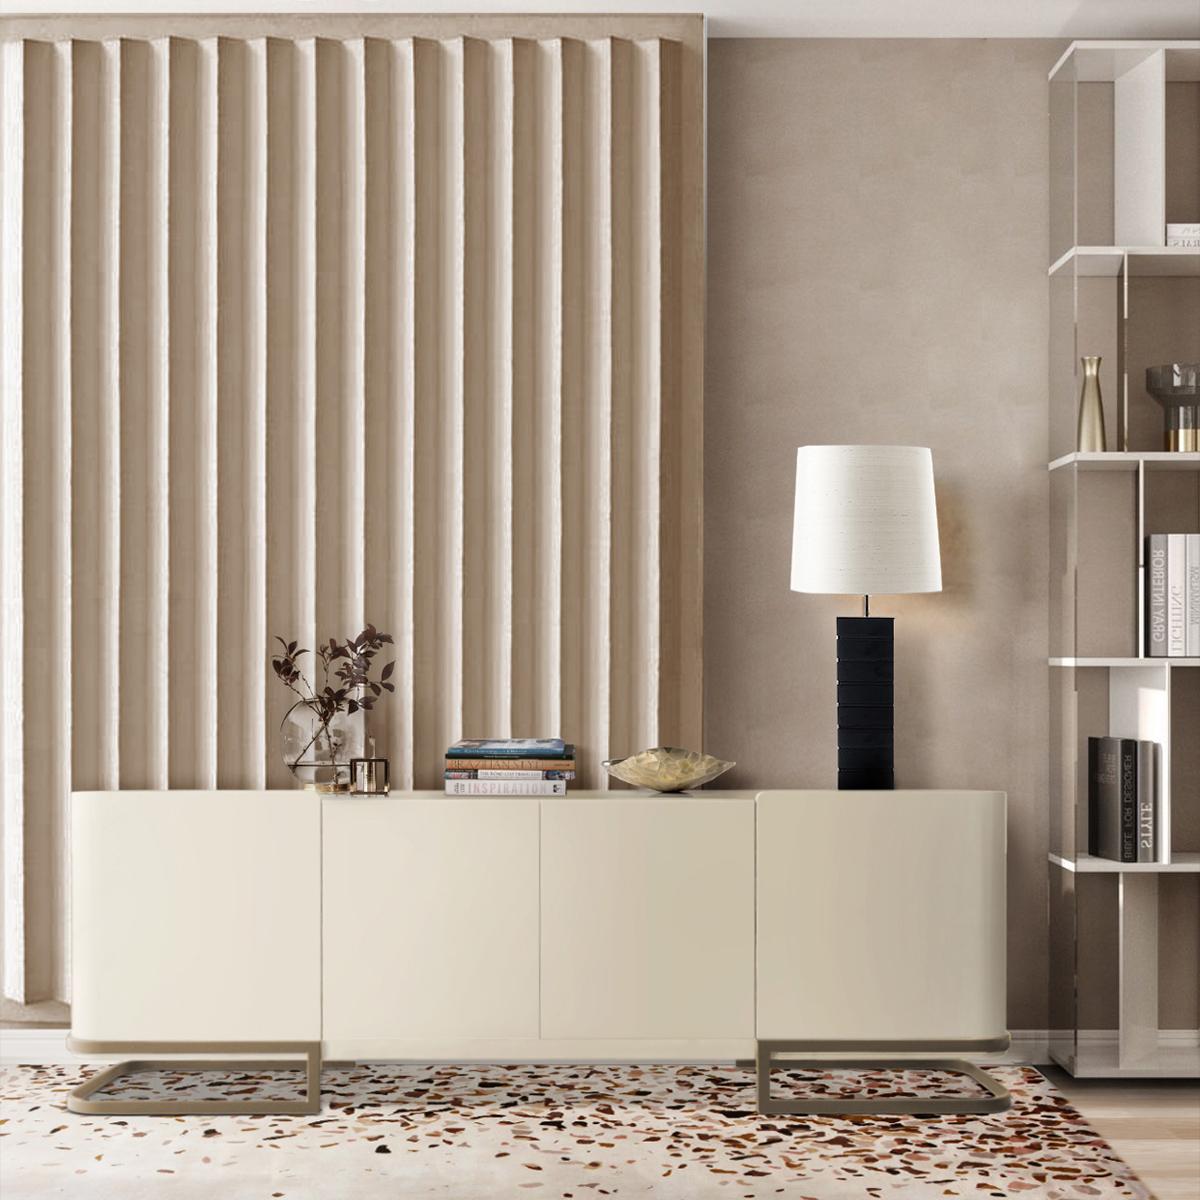 Diseño de Interiores: Edición de proyectos modernos en Instagram